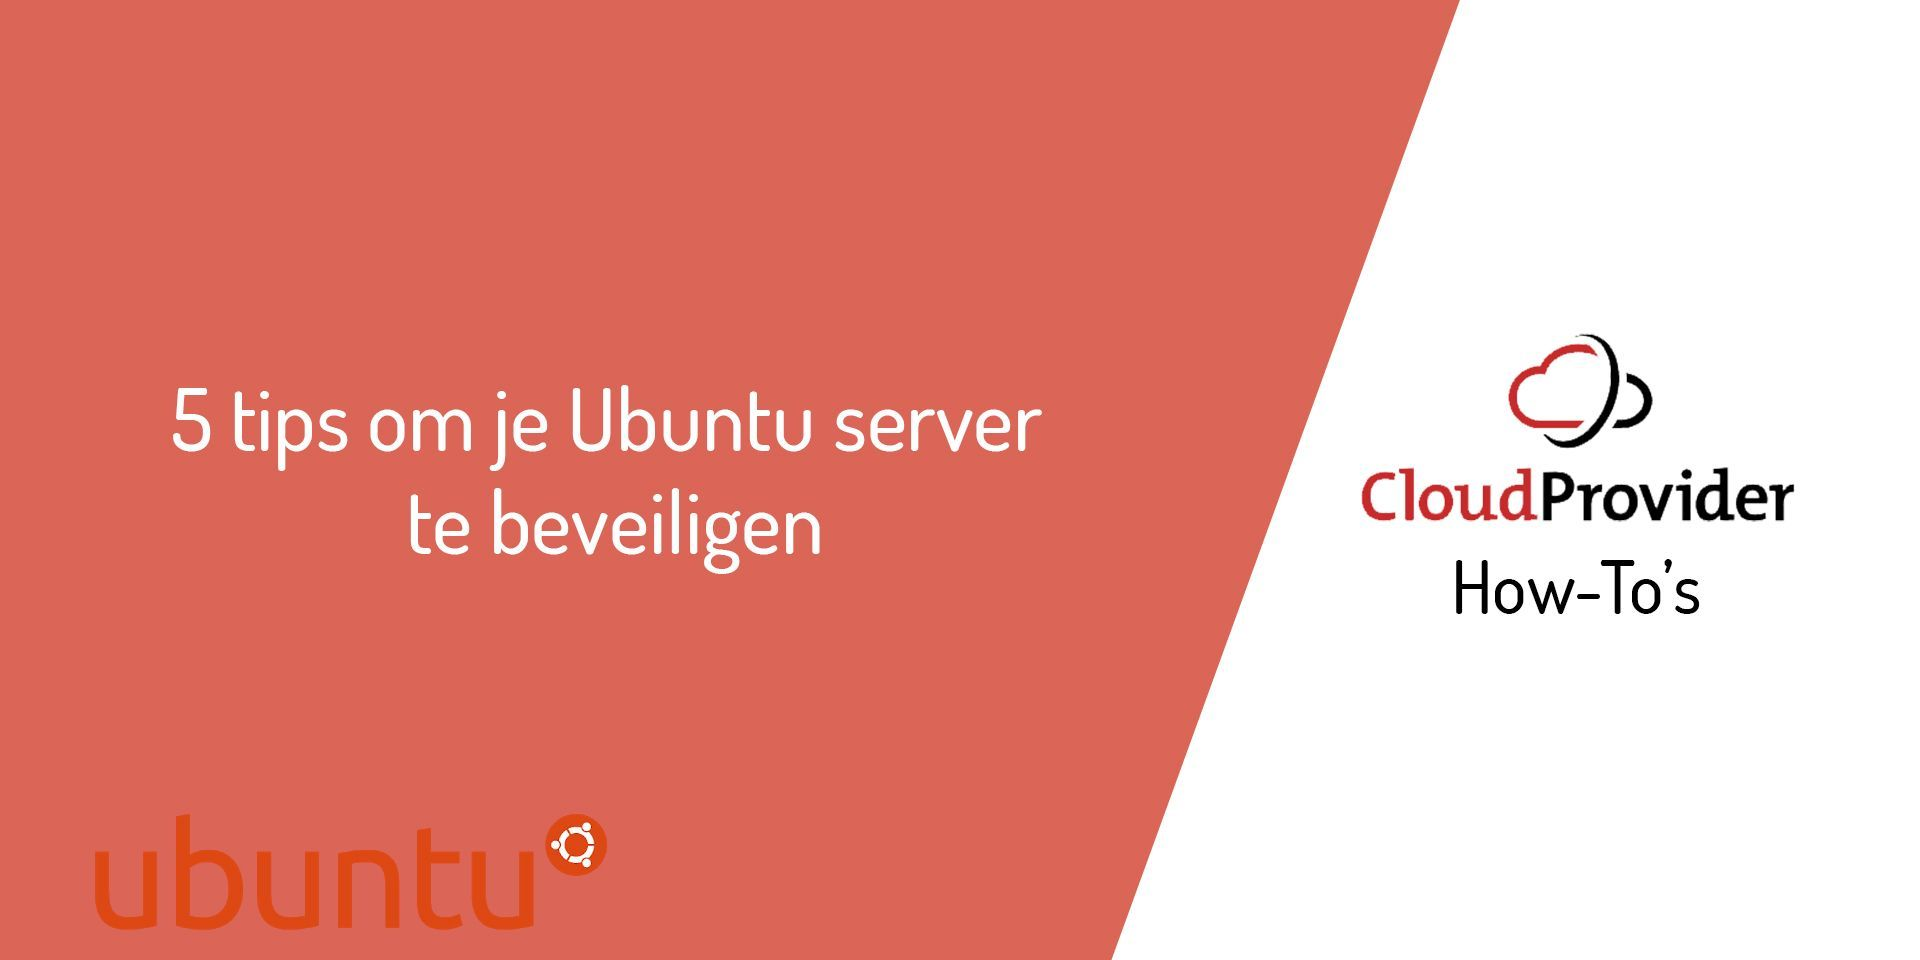 5 tips om je Ubuntu server te beveiligen